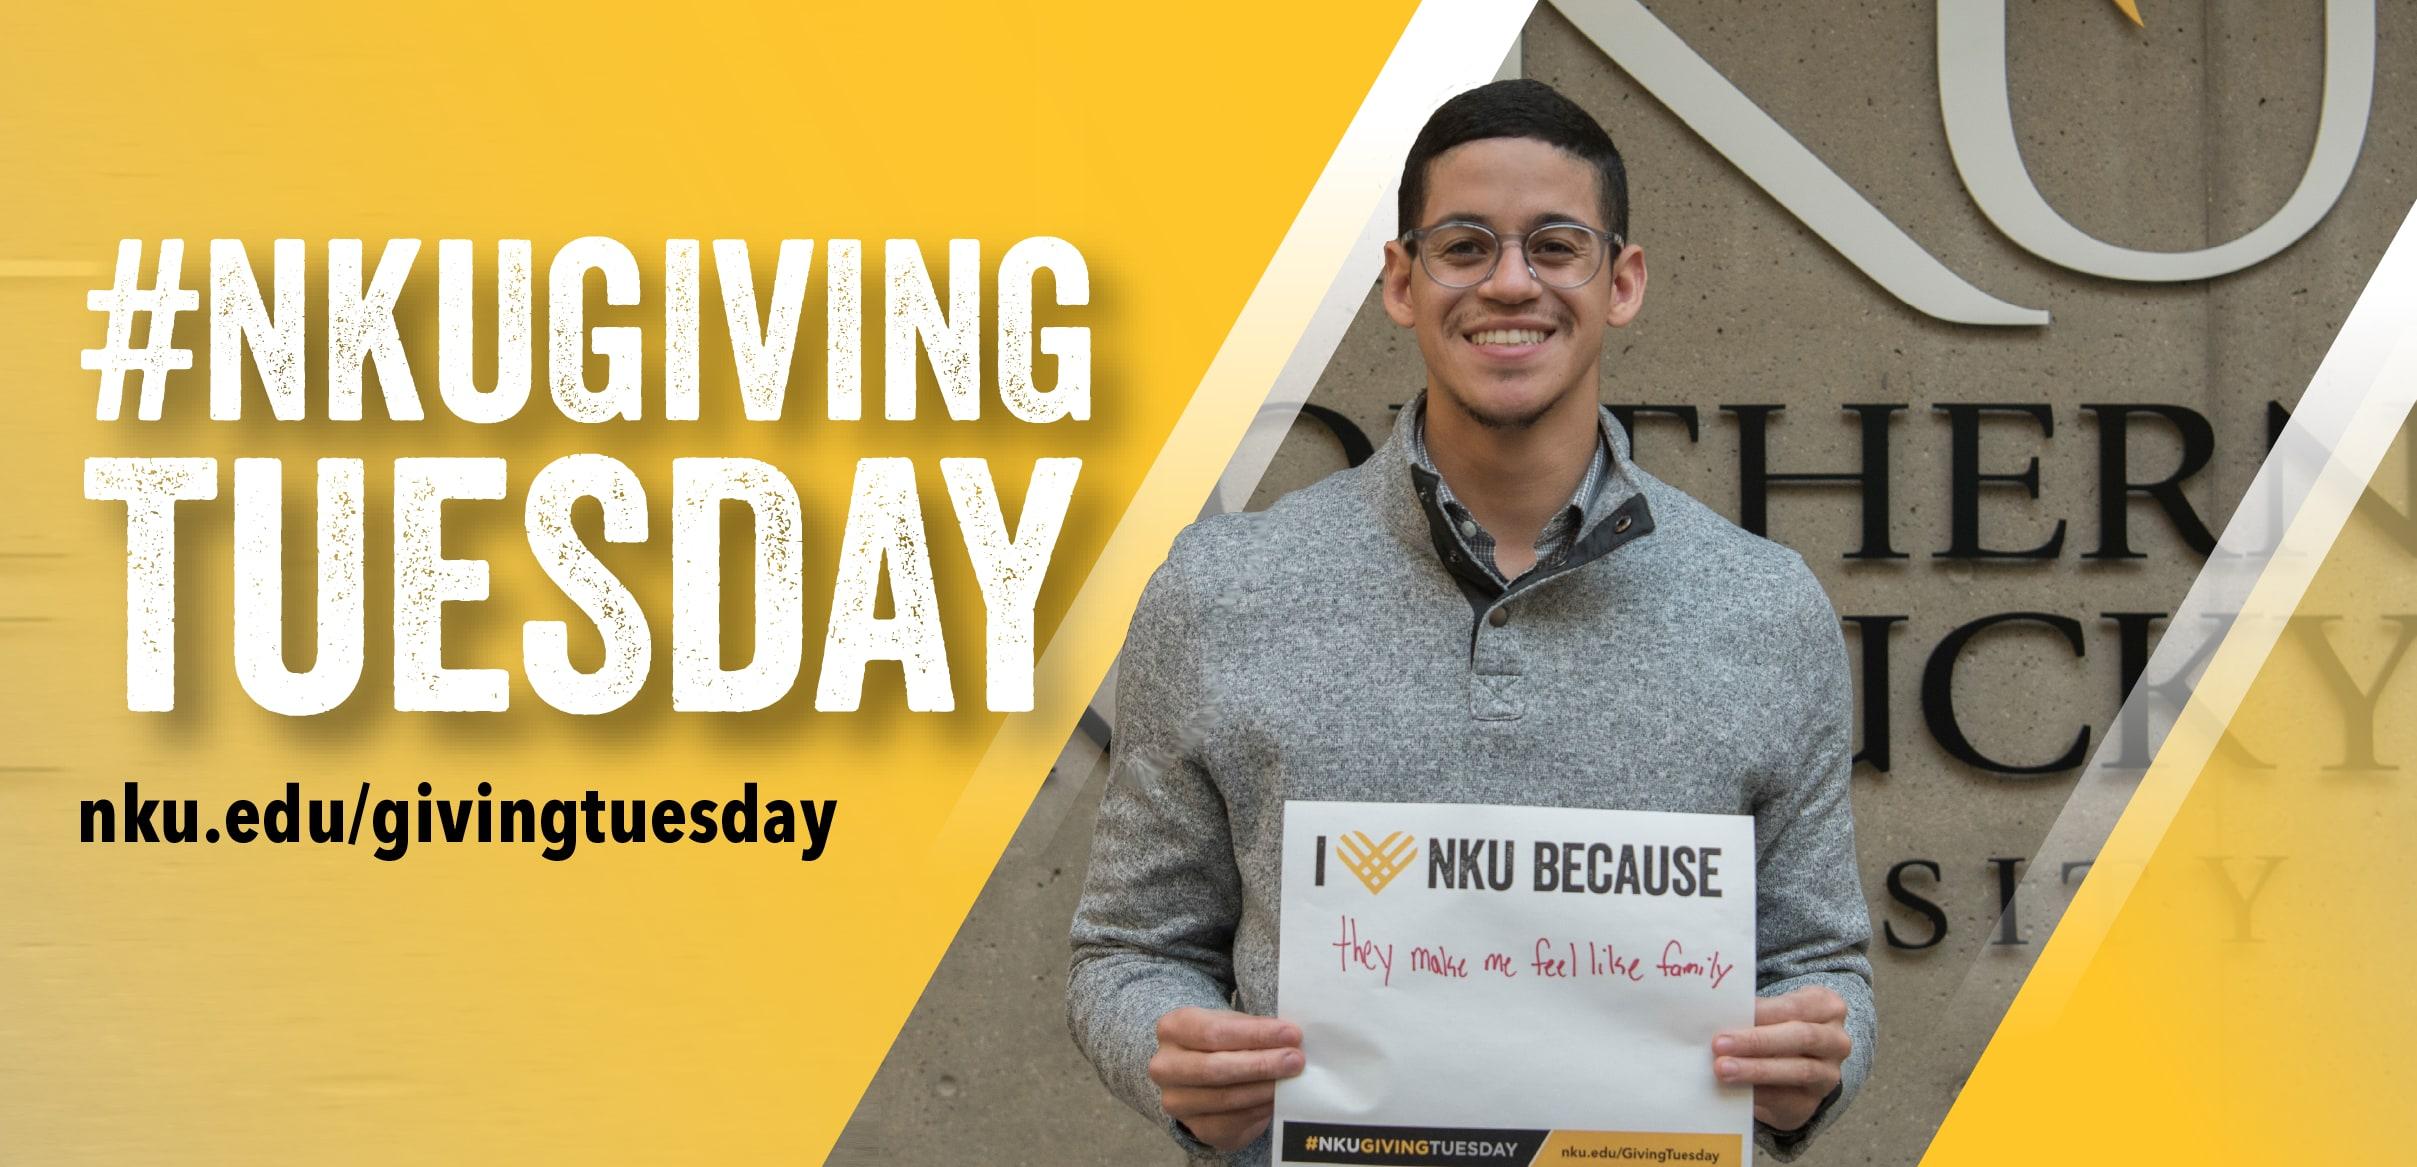 #NKUGIVINGTUESDAY nku.edu/givingtuesday